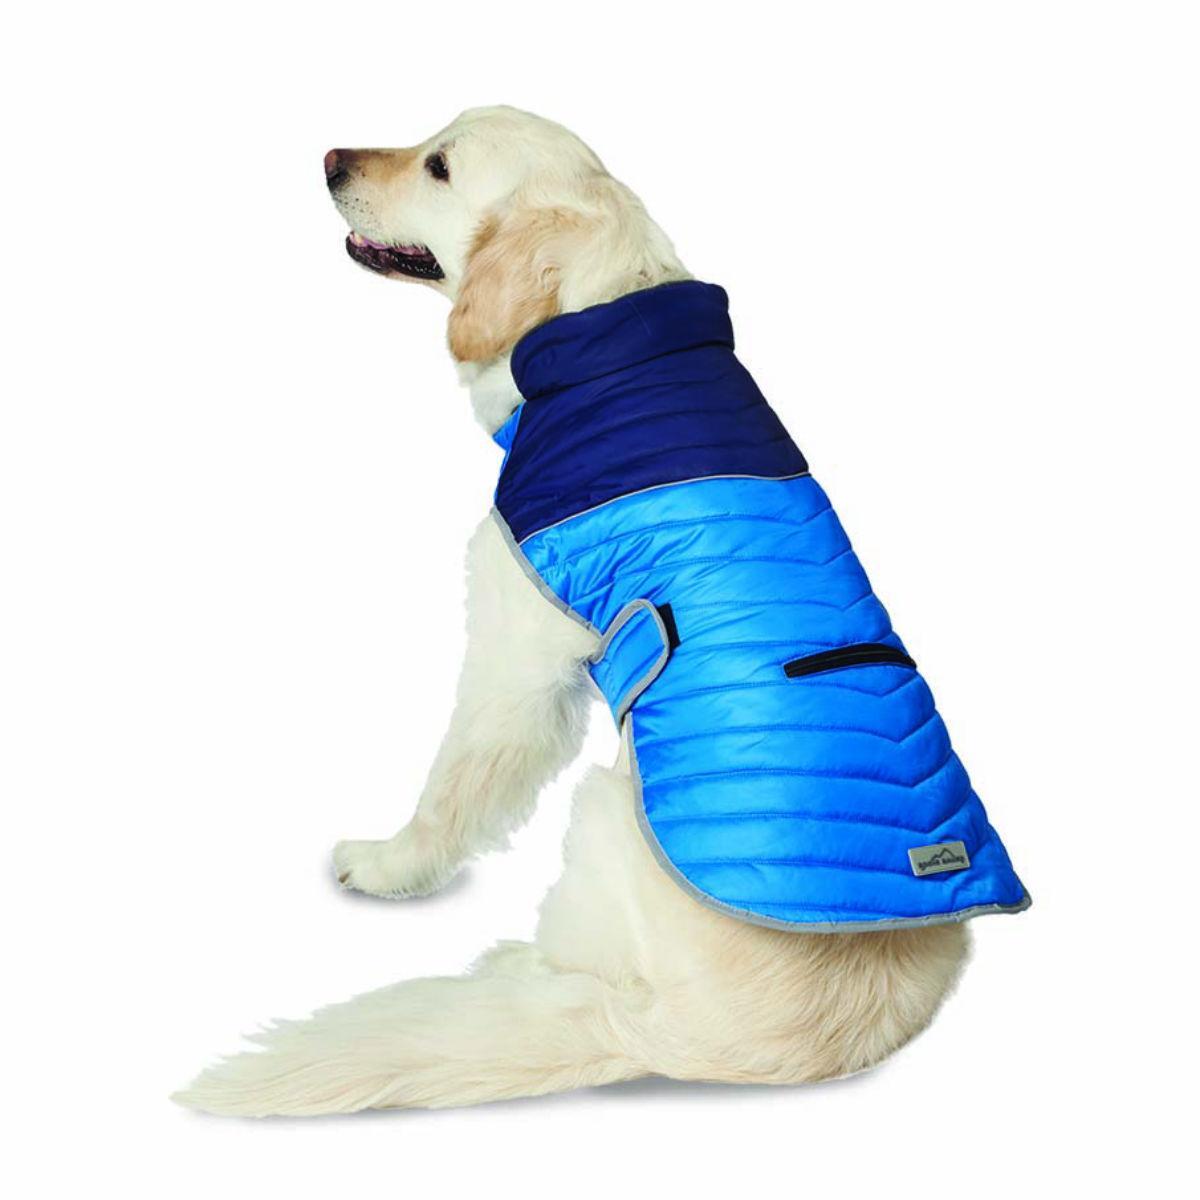 Eddie Bauer Snowfield Performance Dog Vest - Navy/Blue